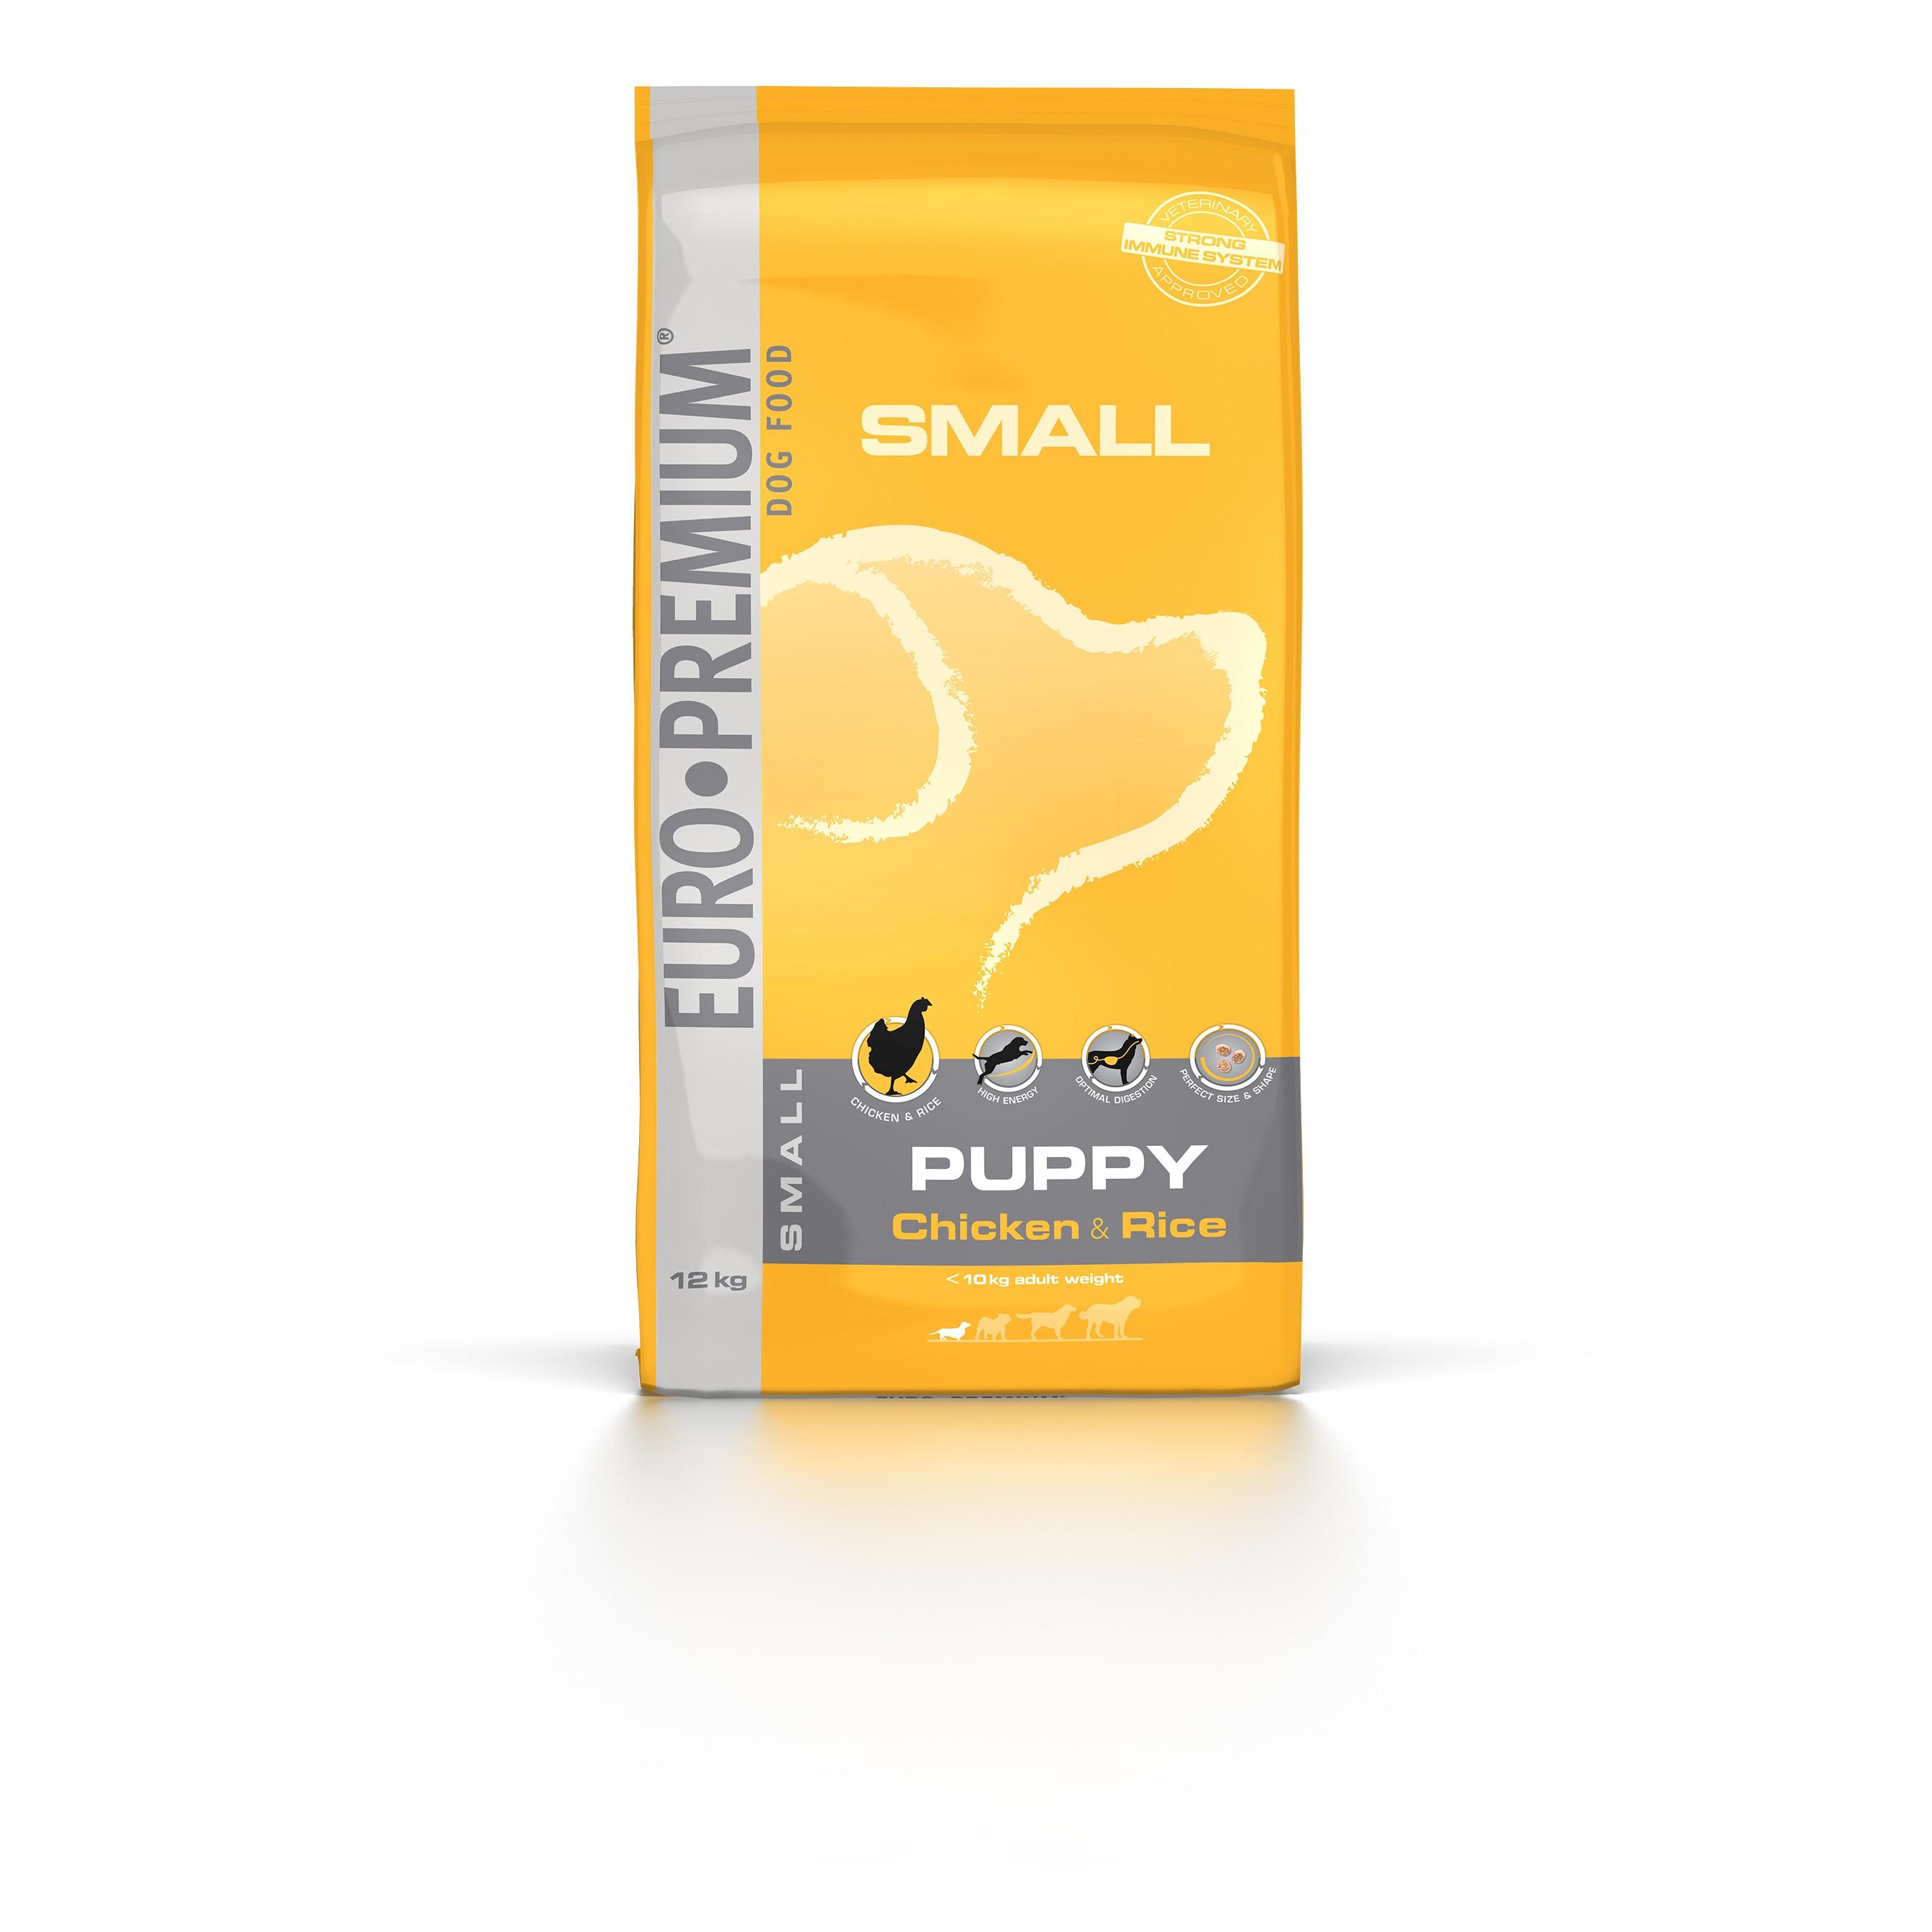 Euro Premium Small Puppy Chicken & Rice hondenvoer